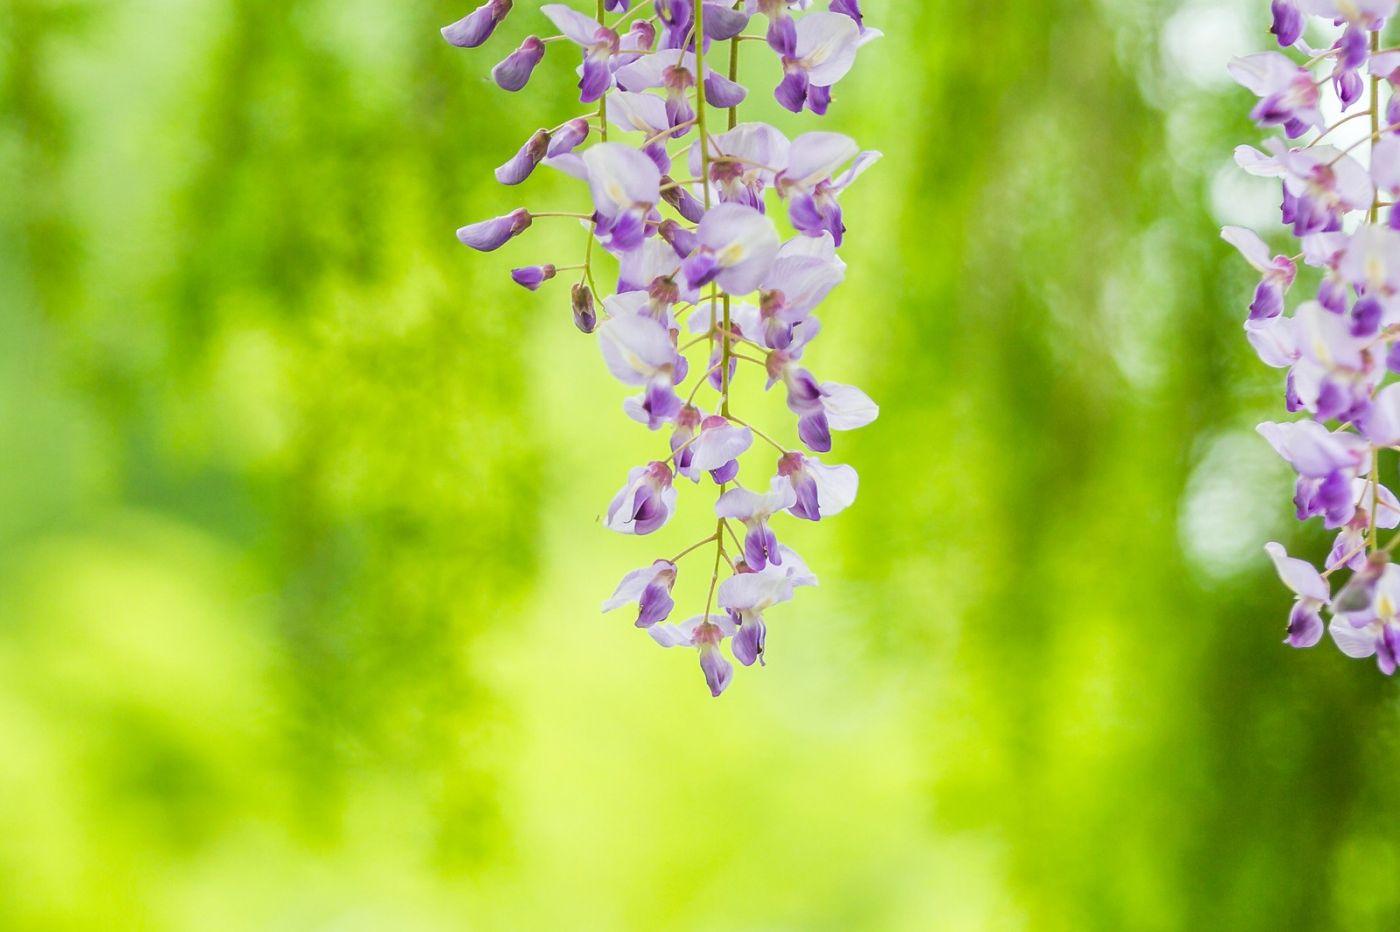 紫藤花相遇在春天_图1-21